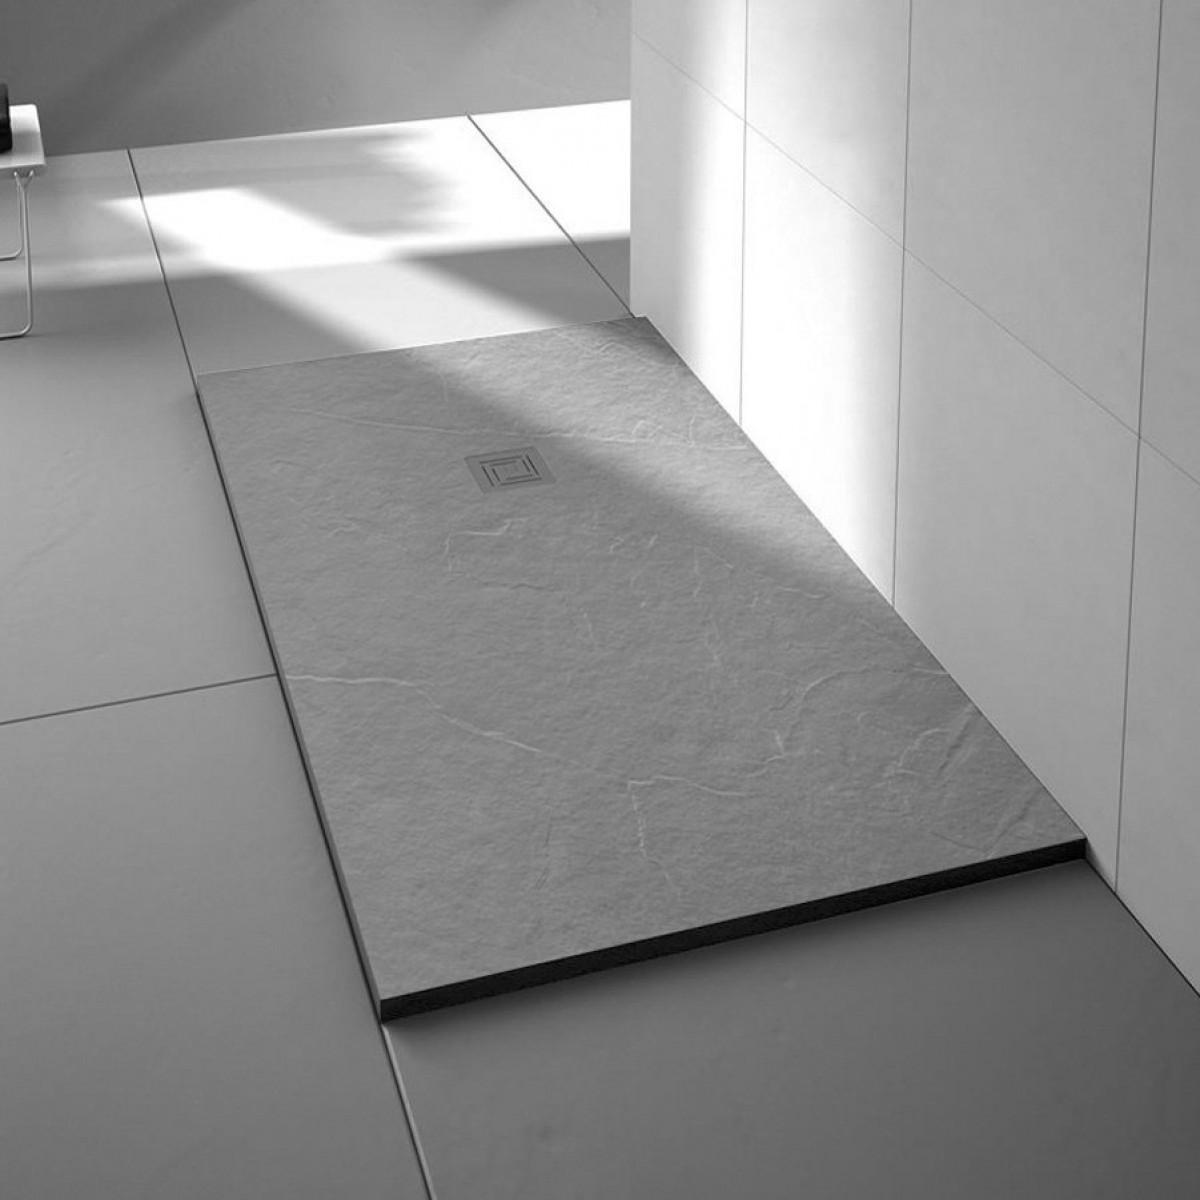 Model Of Merlyn Truestone Rectangular Shower Tray 1200 x 900mm Fossil Grey - Fresh bathroom shower base Elegant